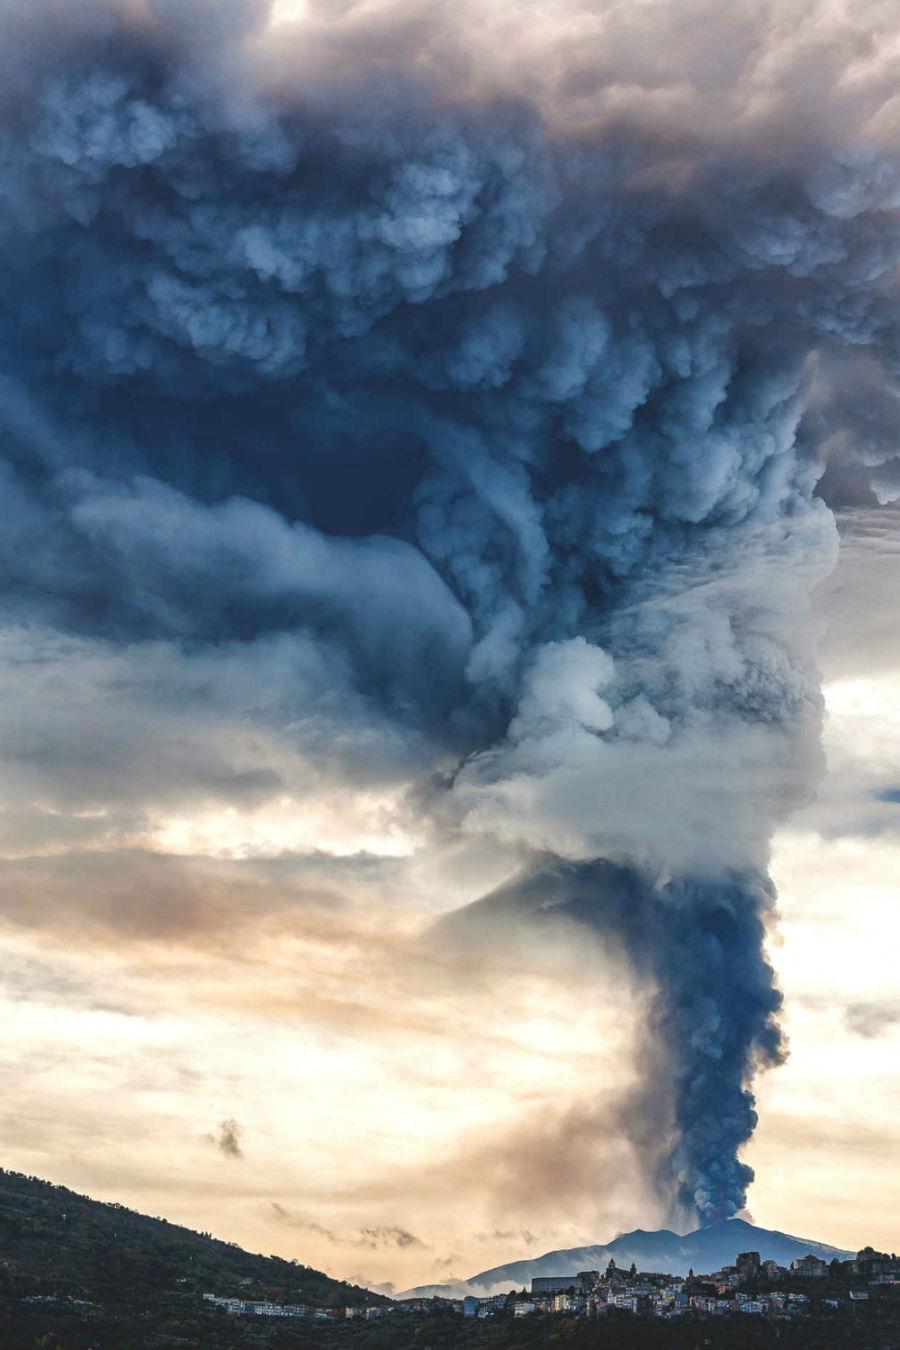 بیدار شدن آتشفشان اتنا (سیسیل، ایتالیا)